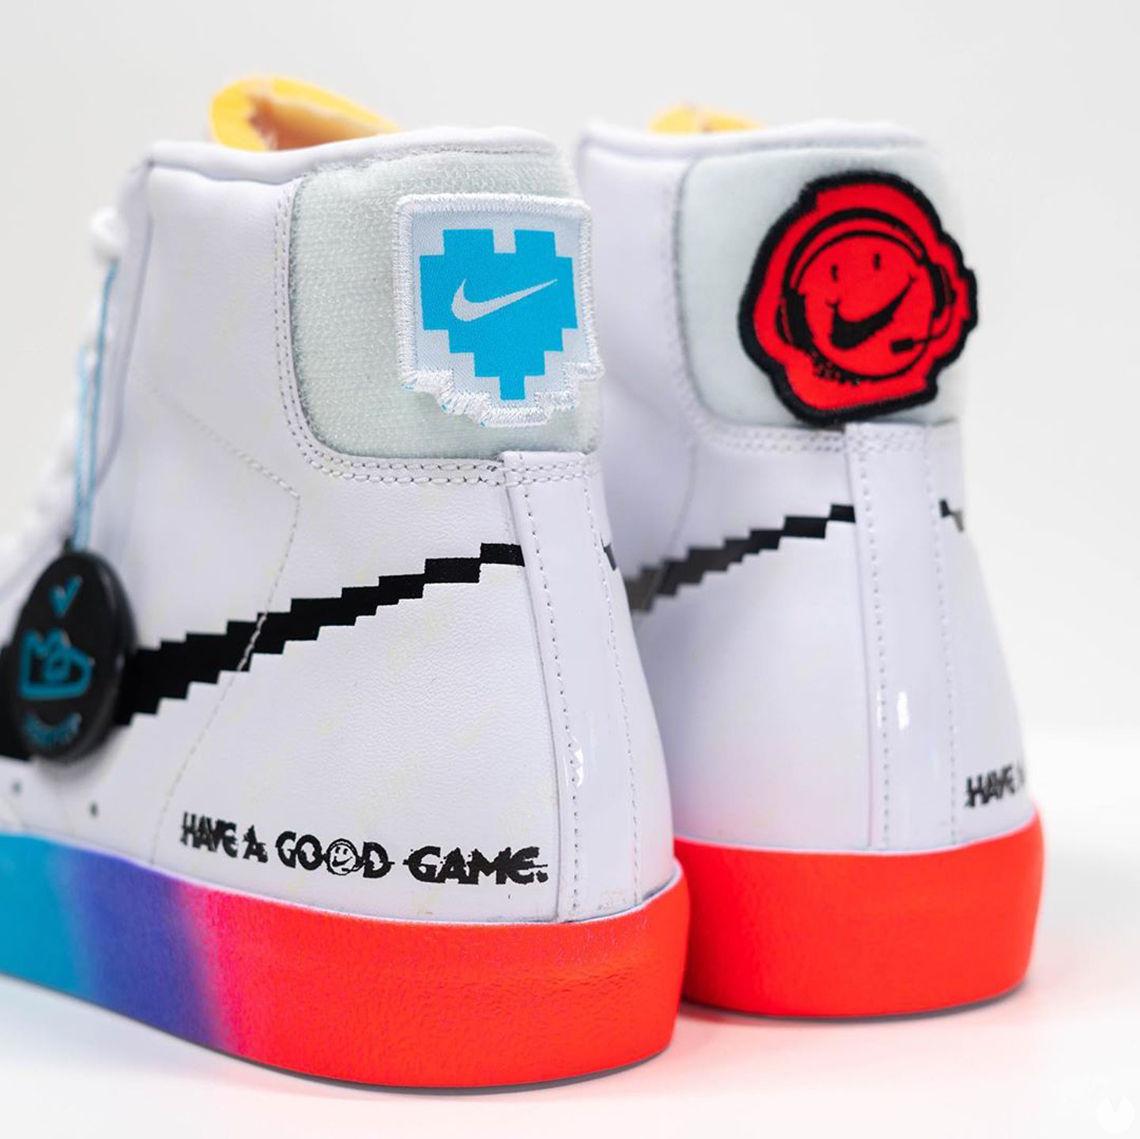 Nike presenta unas zapatillas deportivas que rinden homenaje al mundo retro